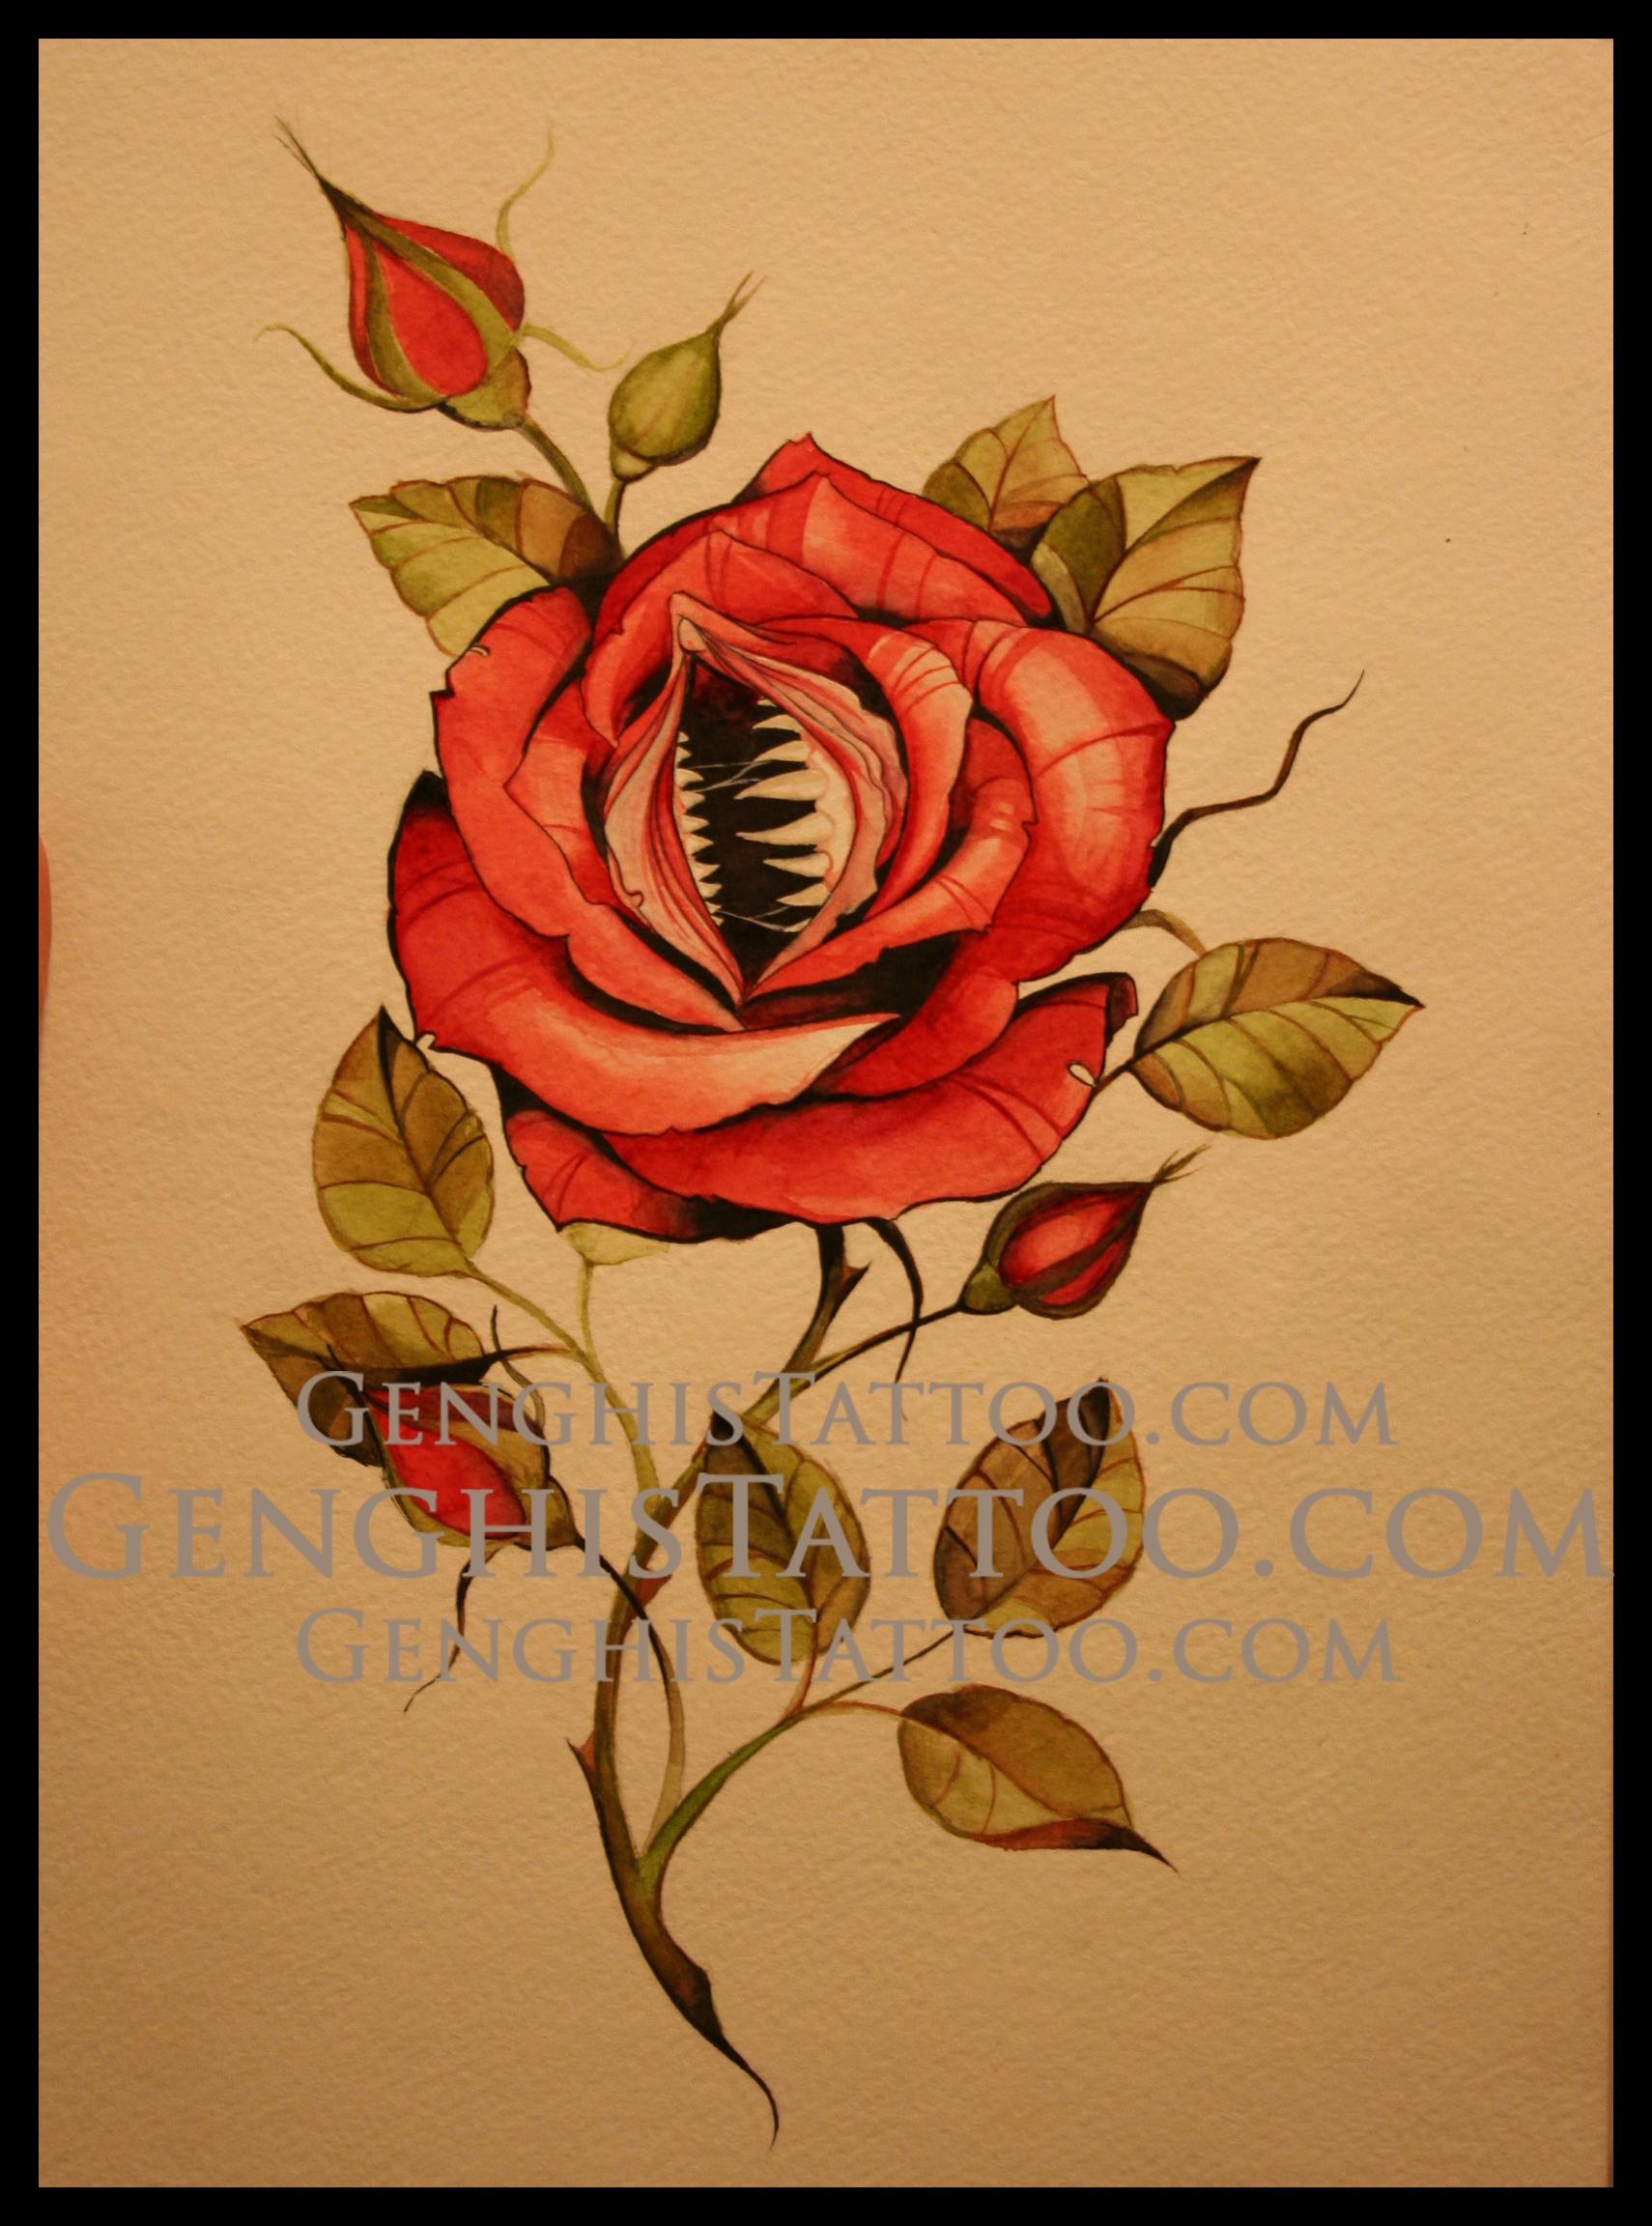 Vagina Rose with teeth. Fine detail watercolor original artwork.